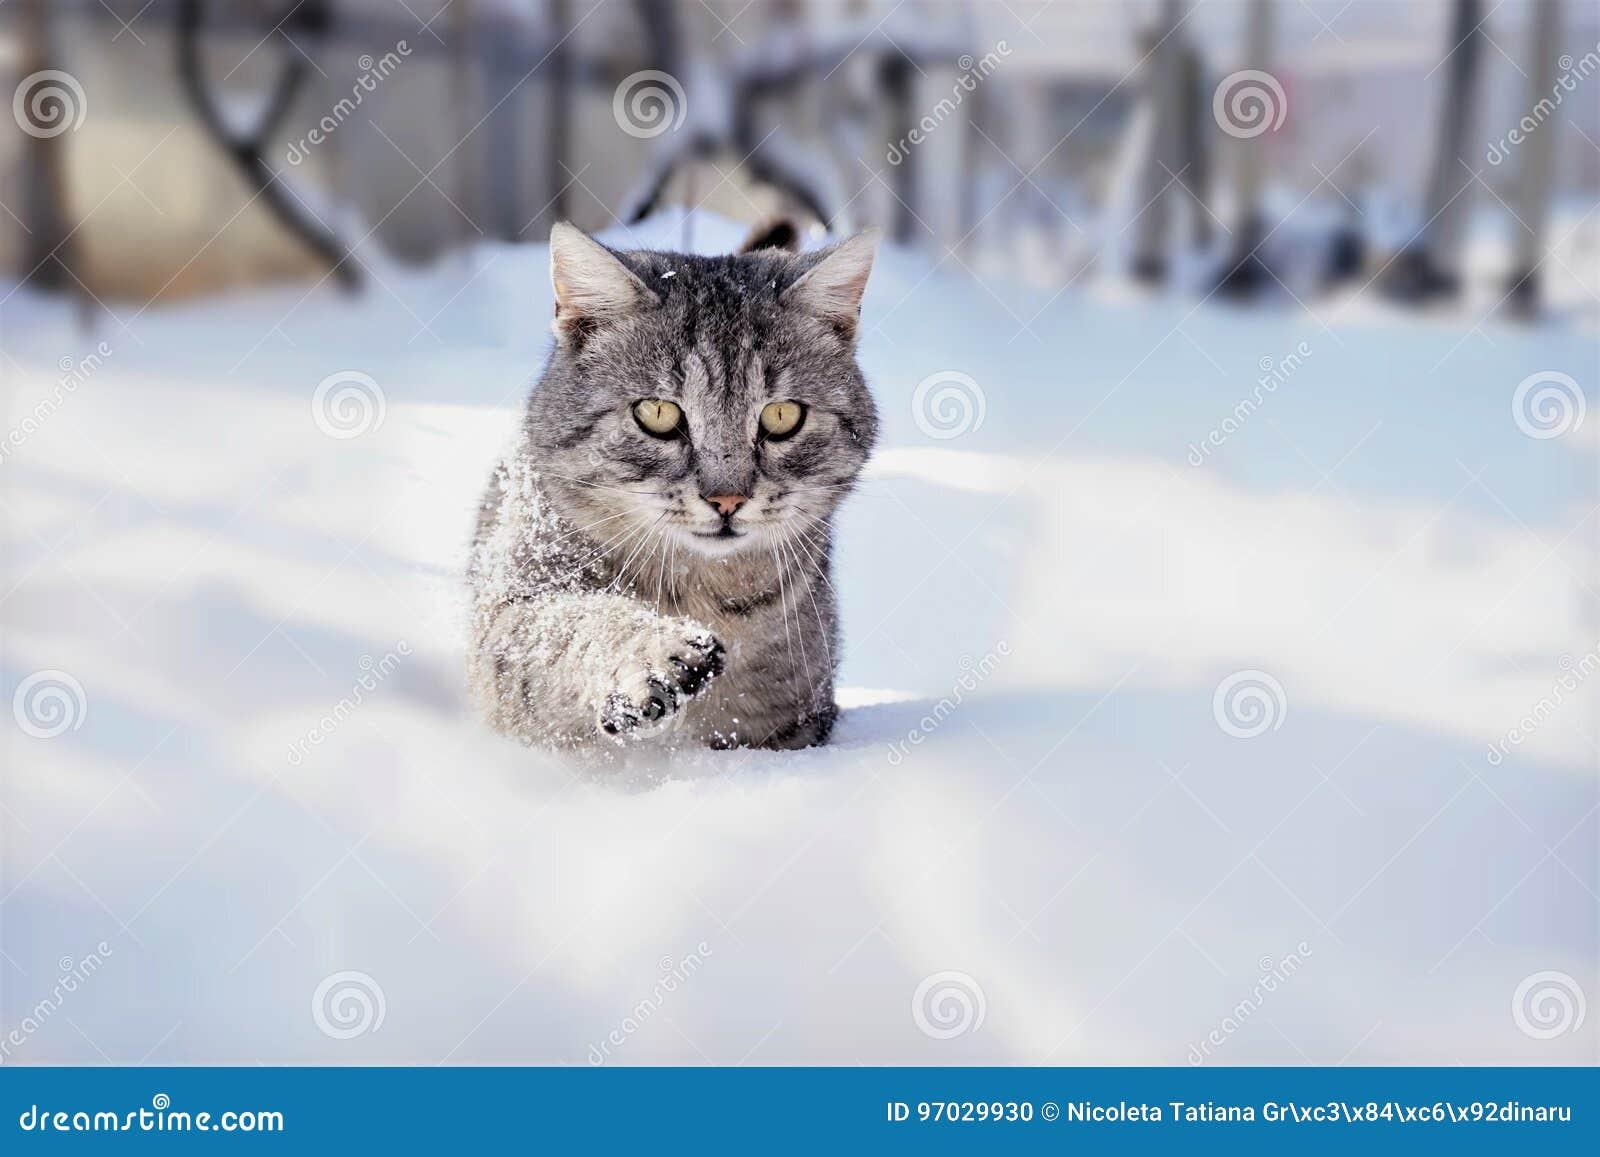 Tomcat in the snow